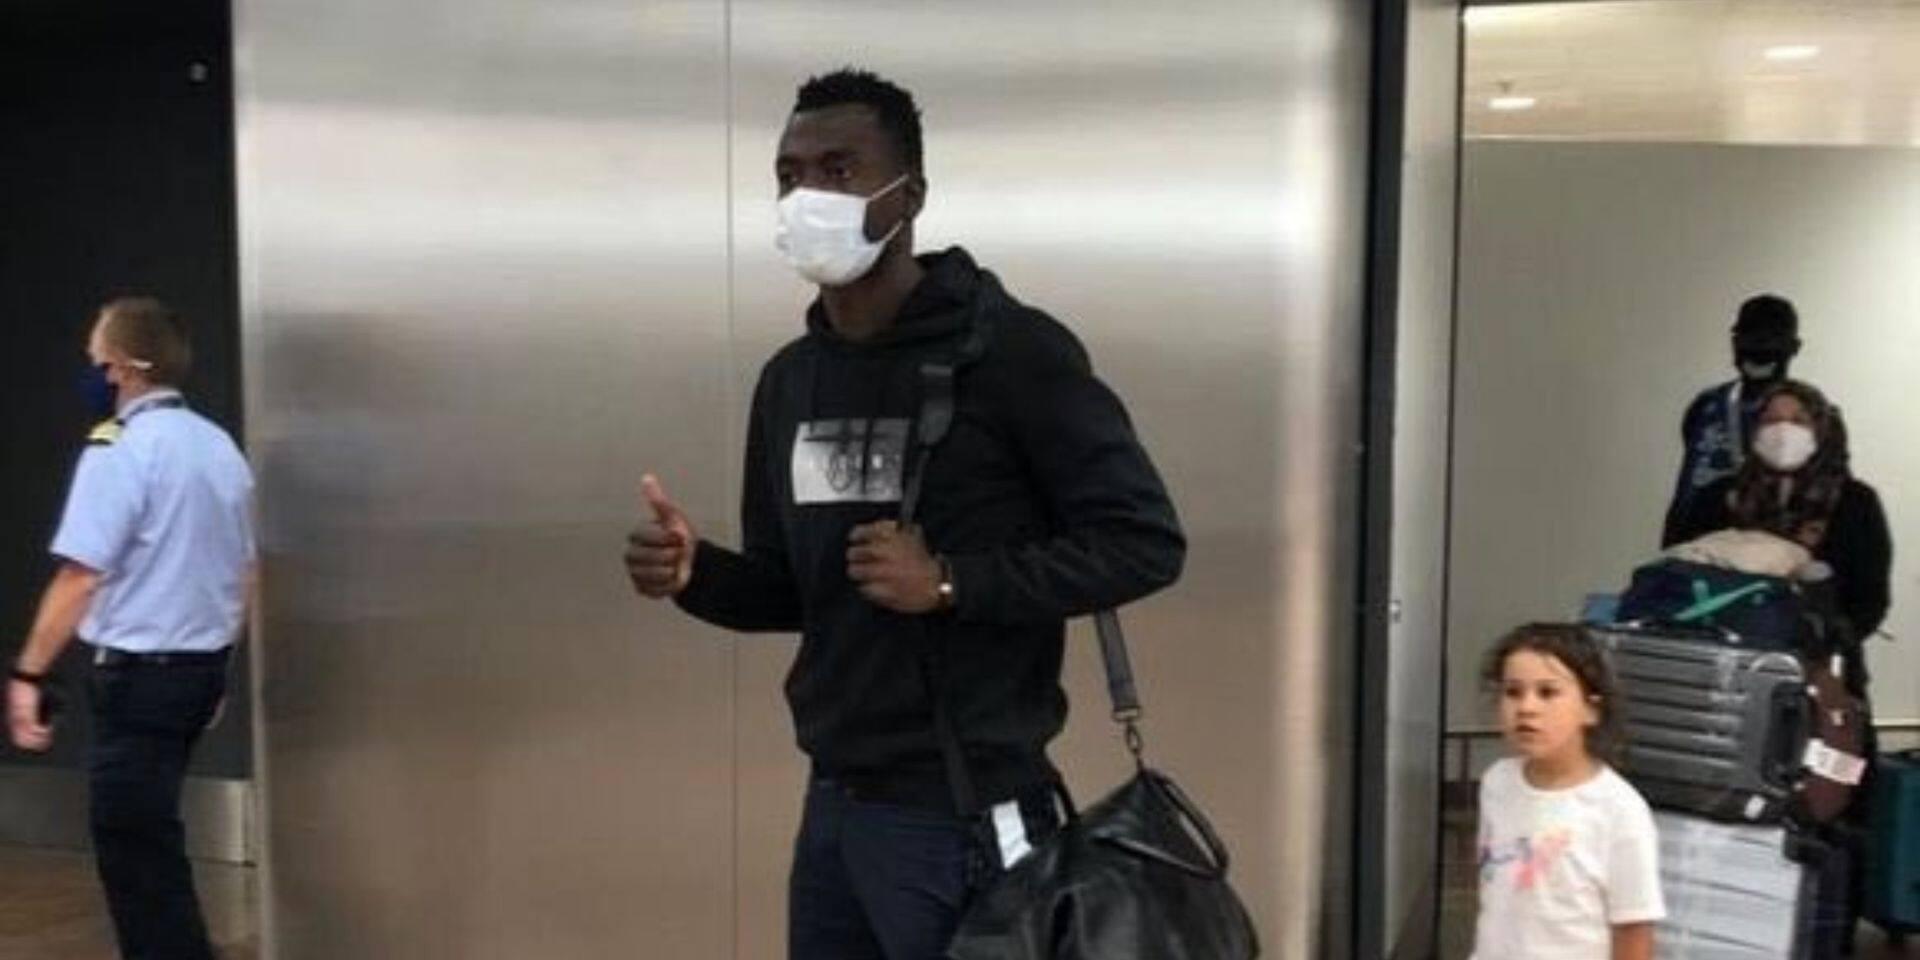 Bundu à Neerpede: il a signé pour 4 ans à Anderlecht (PHOTOS)